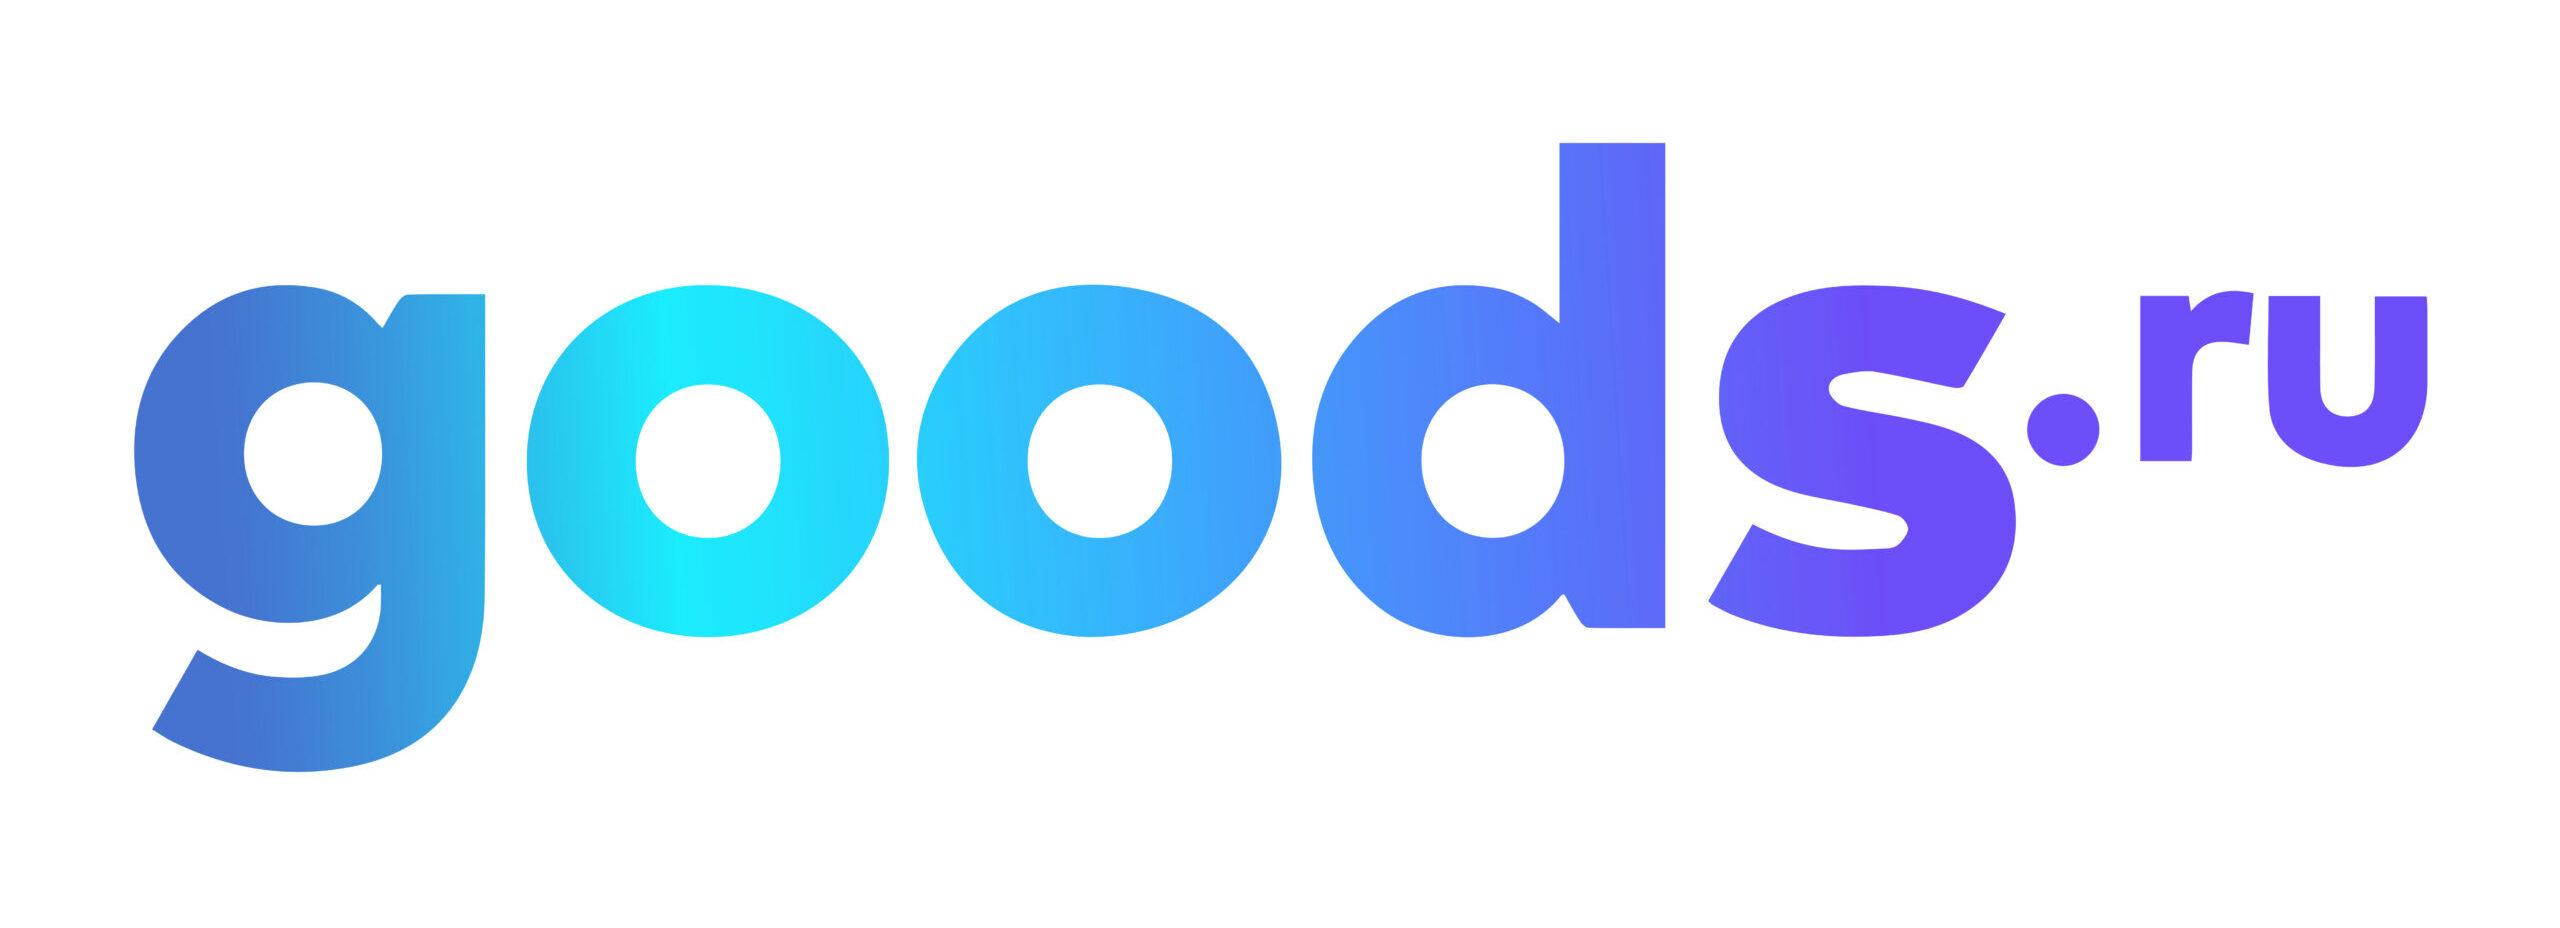 Сбер приобретет 85% маркетплейса goods.ru